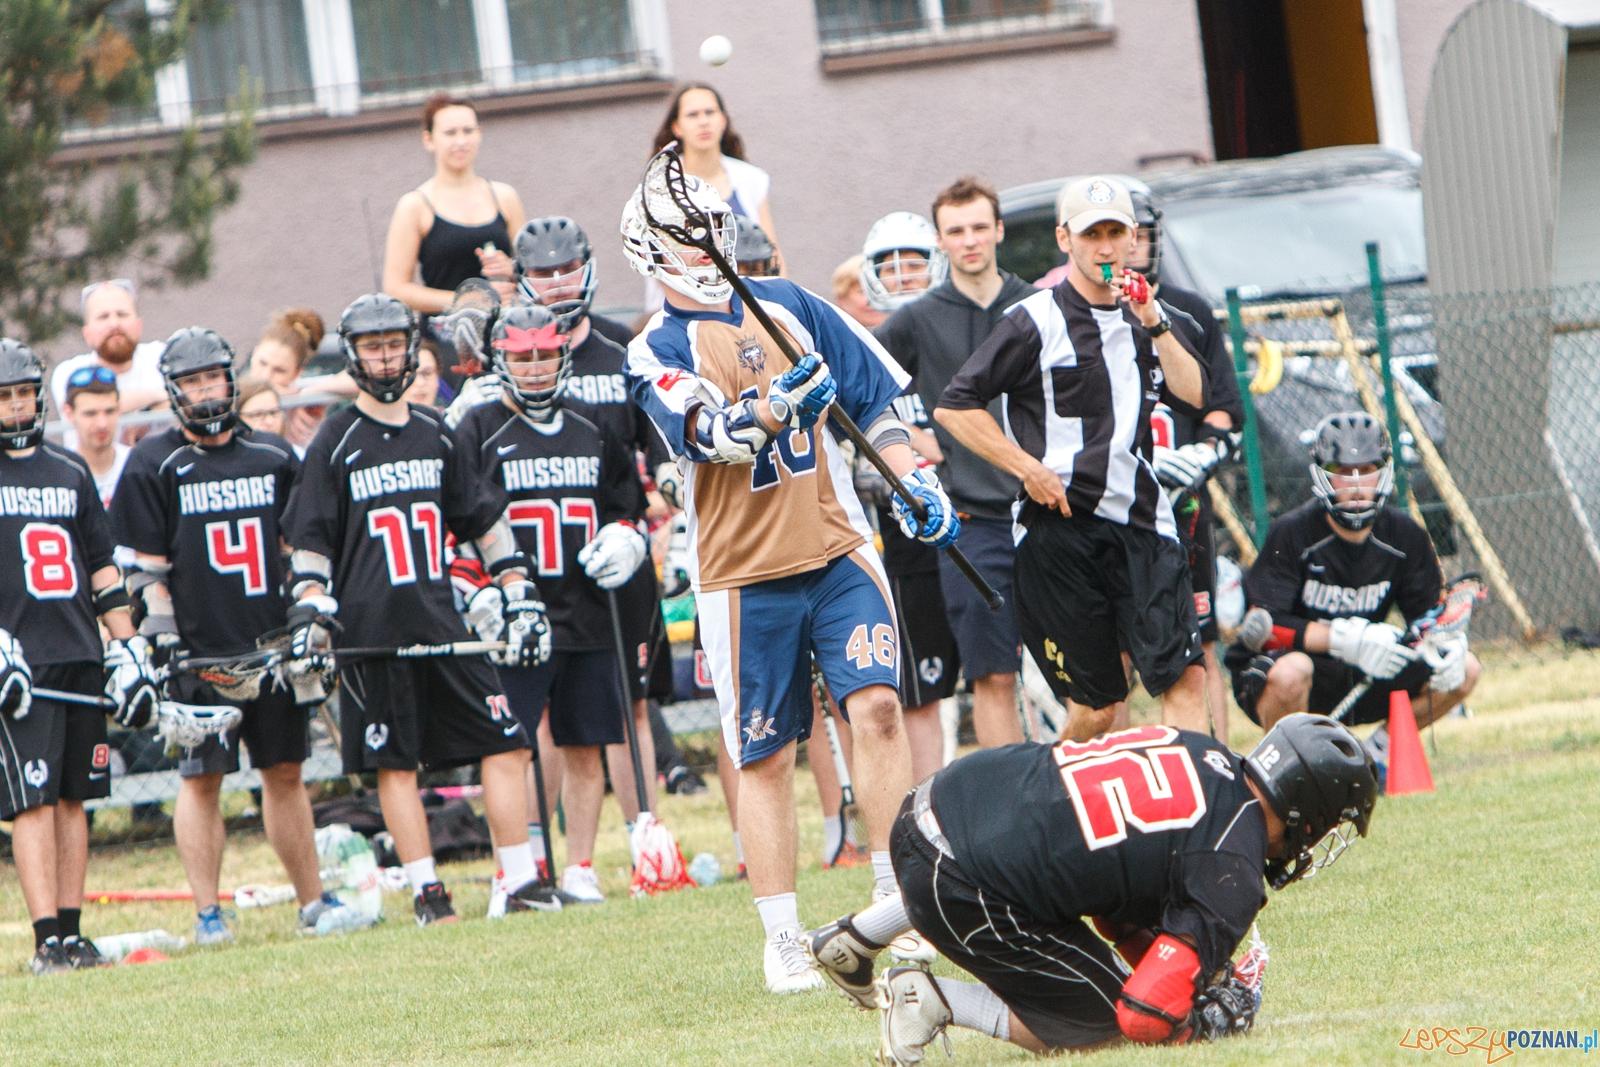 Poznań Hussars - Kraków Kings - mecz lacrosse - Poznań 29.05.  Foto: